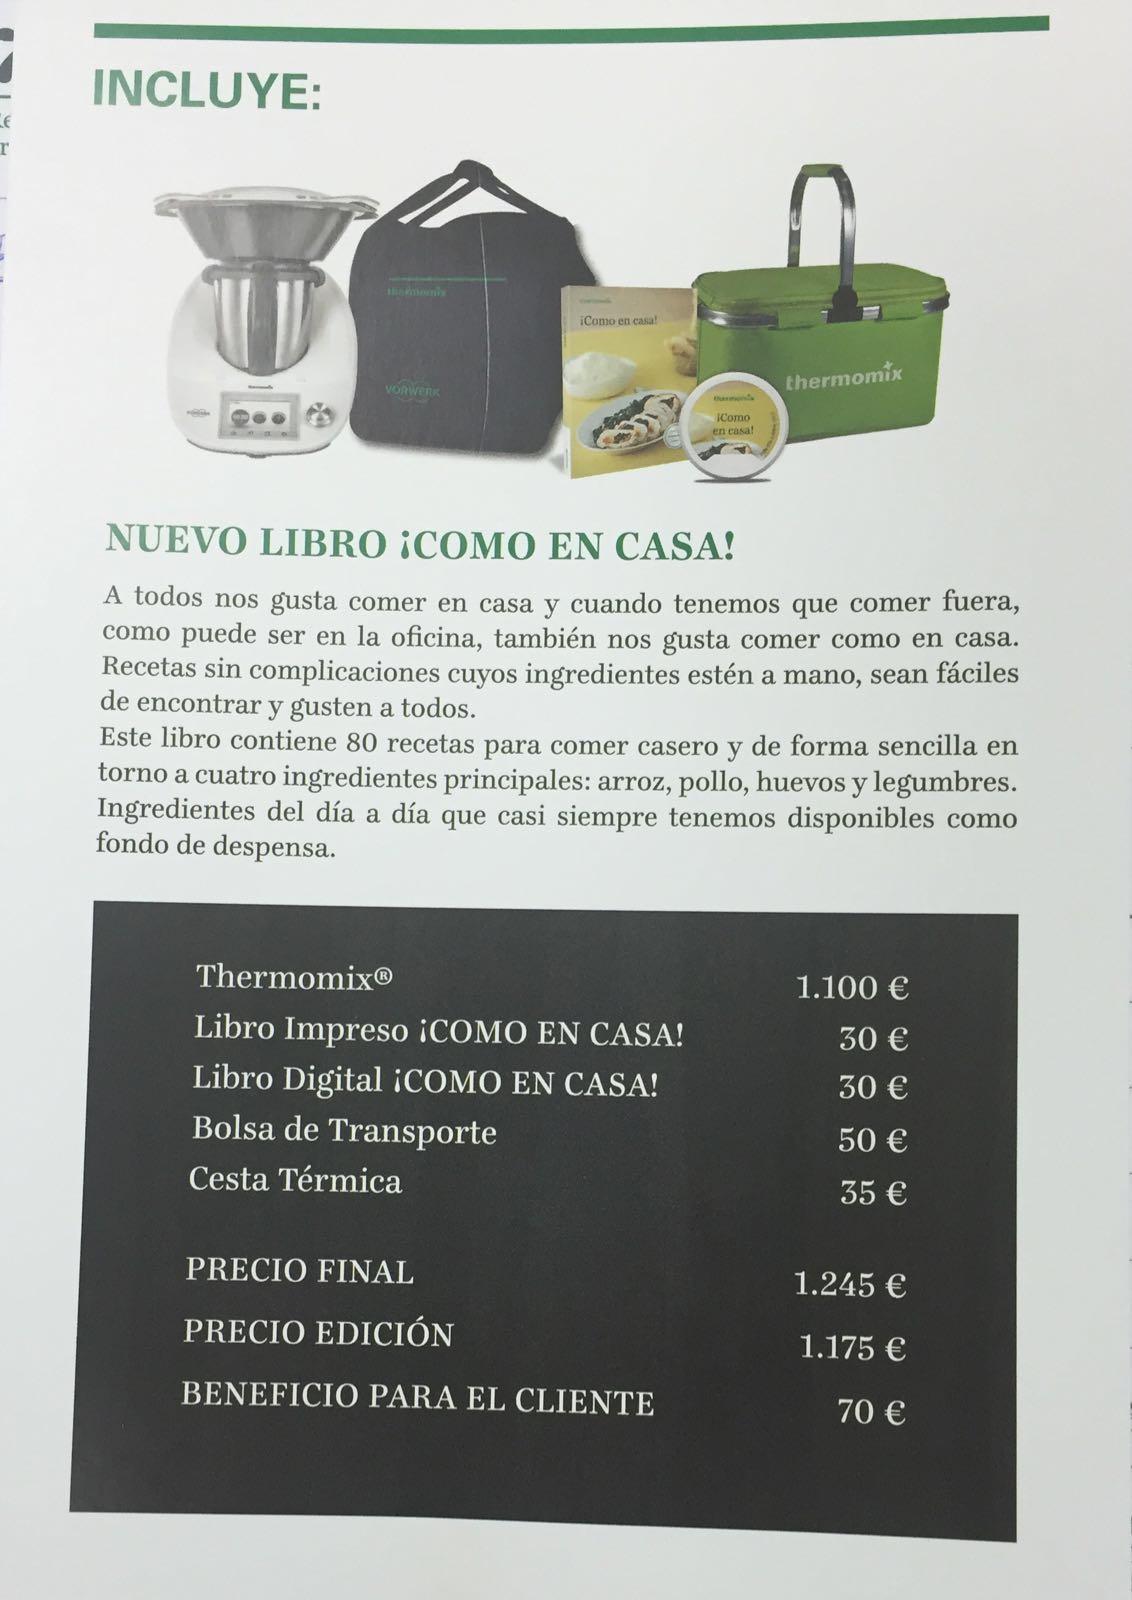 Nuevo Libro ¡CÓMO EN CASA!